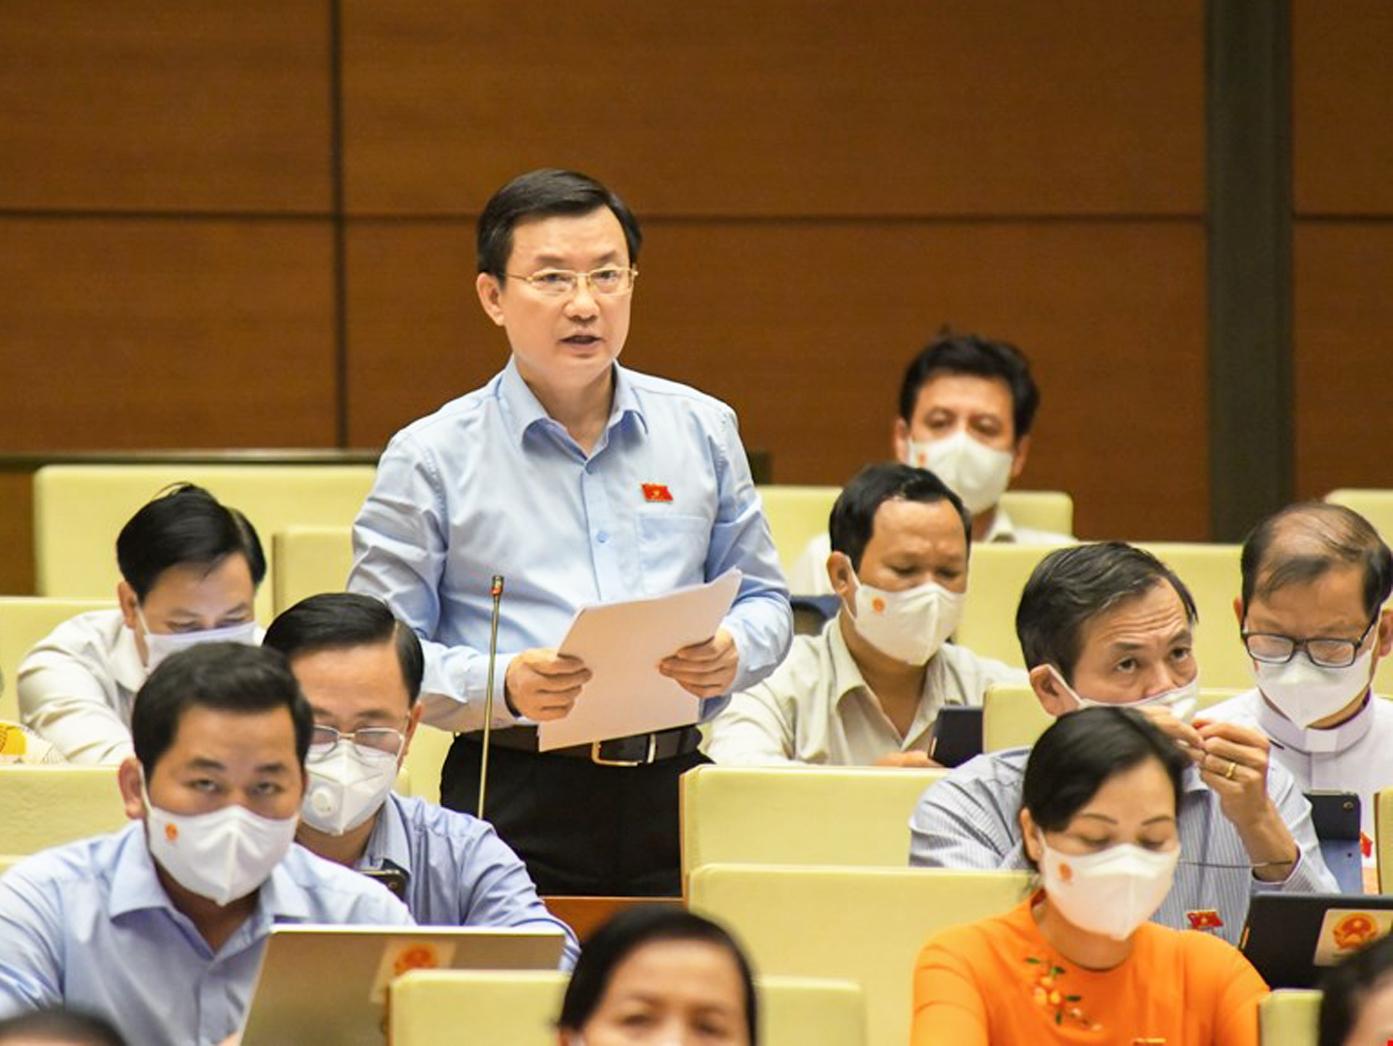 Đại biểu Quốc hội Phạm Trọng Nhân (Bình Dương) lo lắng về nguy cơ quá tải khi dịch COVID-19 đạt đỉnh